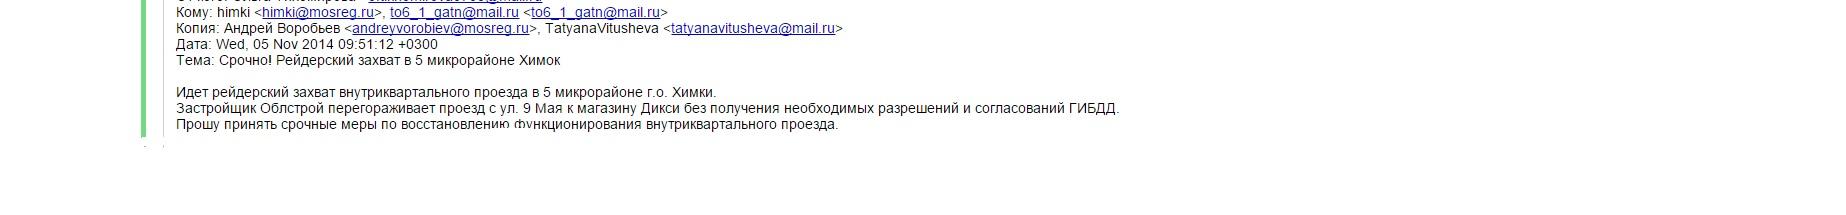 Тихимирова 05-11-2014 губернатору, ХА, в госадмтехнадзор